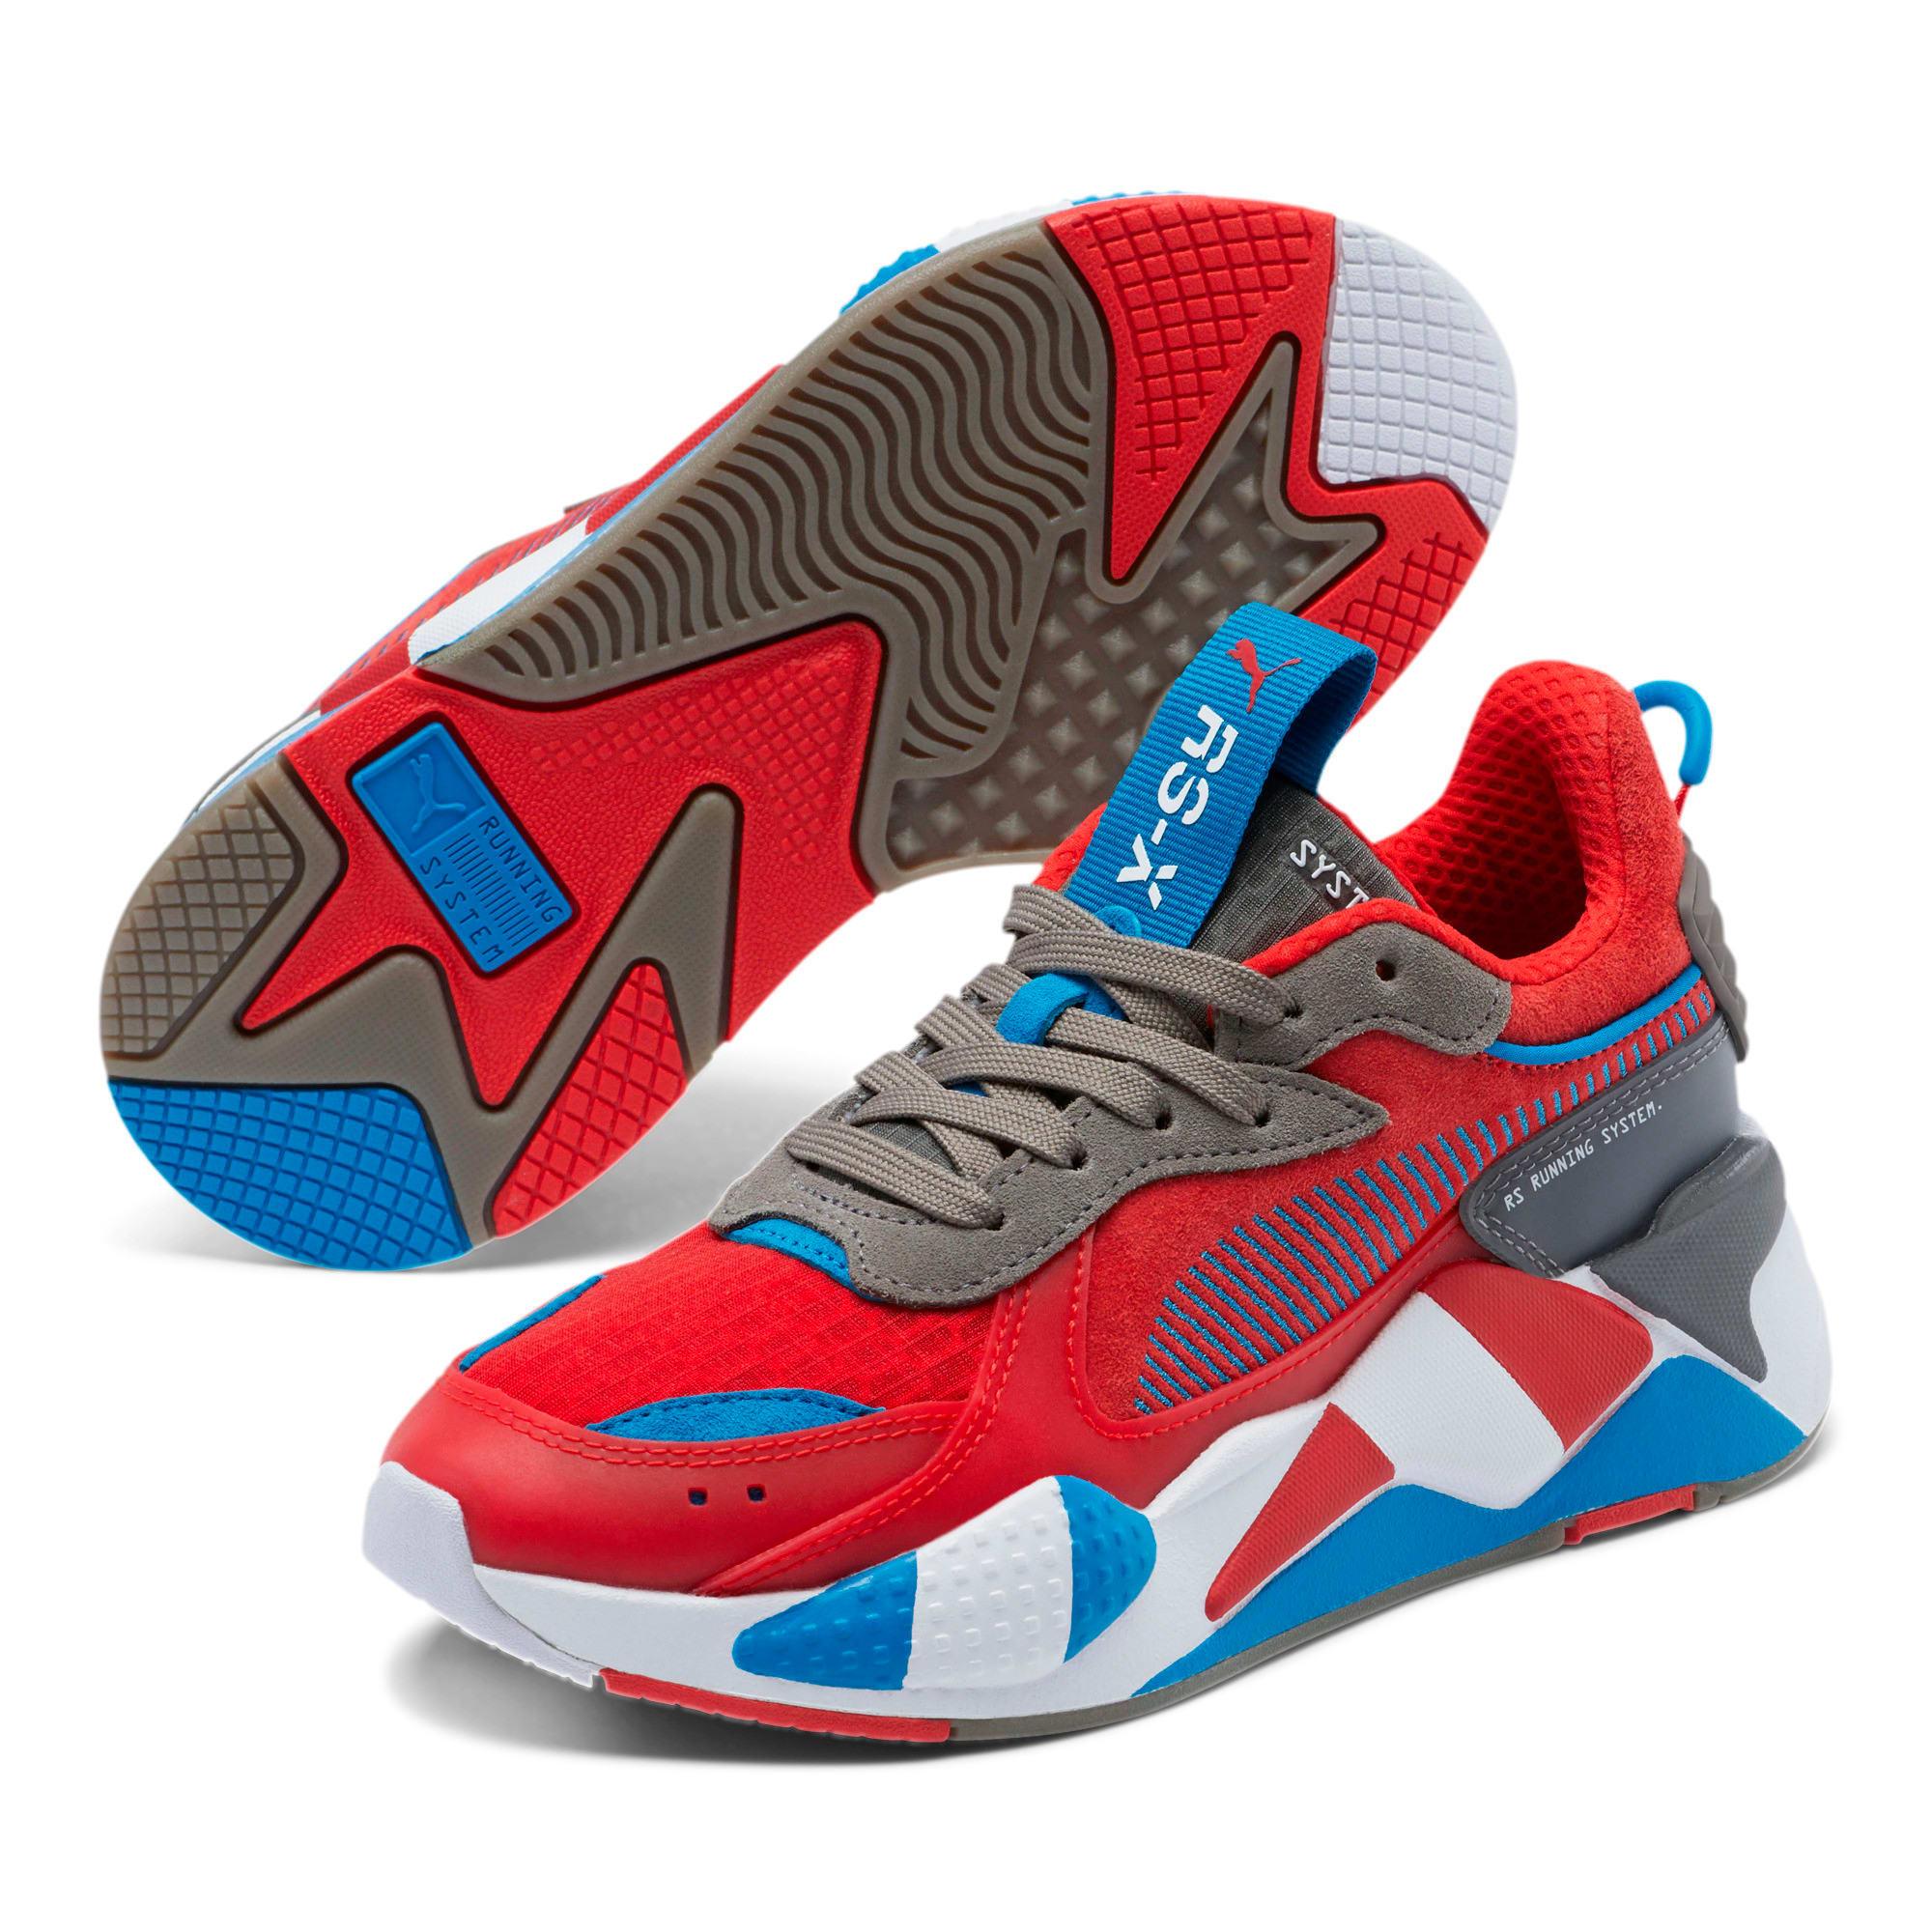 Thumbnail 2 of RS-X Retro Sneakers JR, Hi Ri Red-Ste Gray-In Bunti, medium